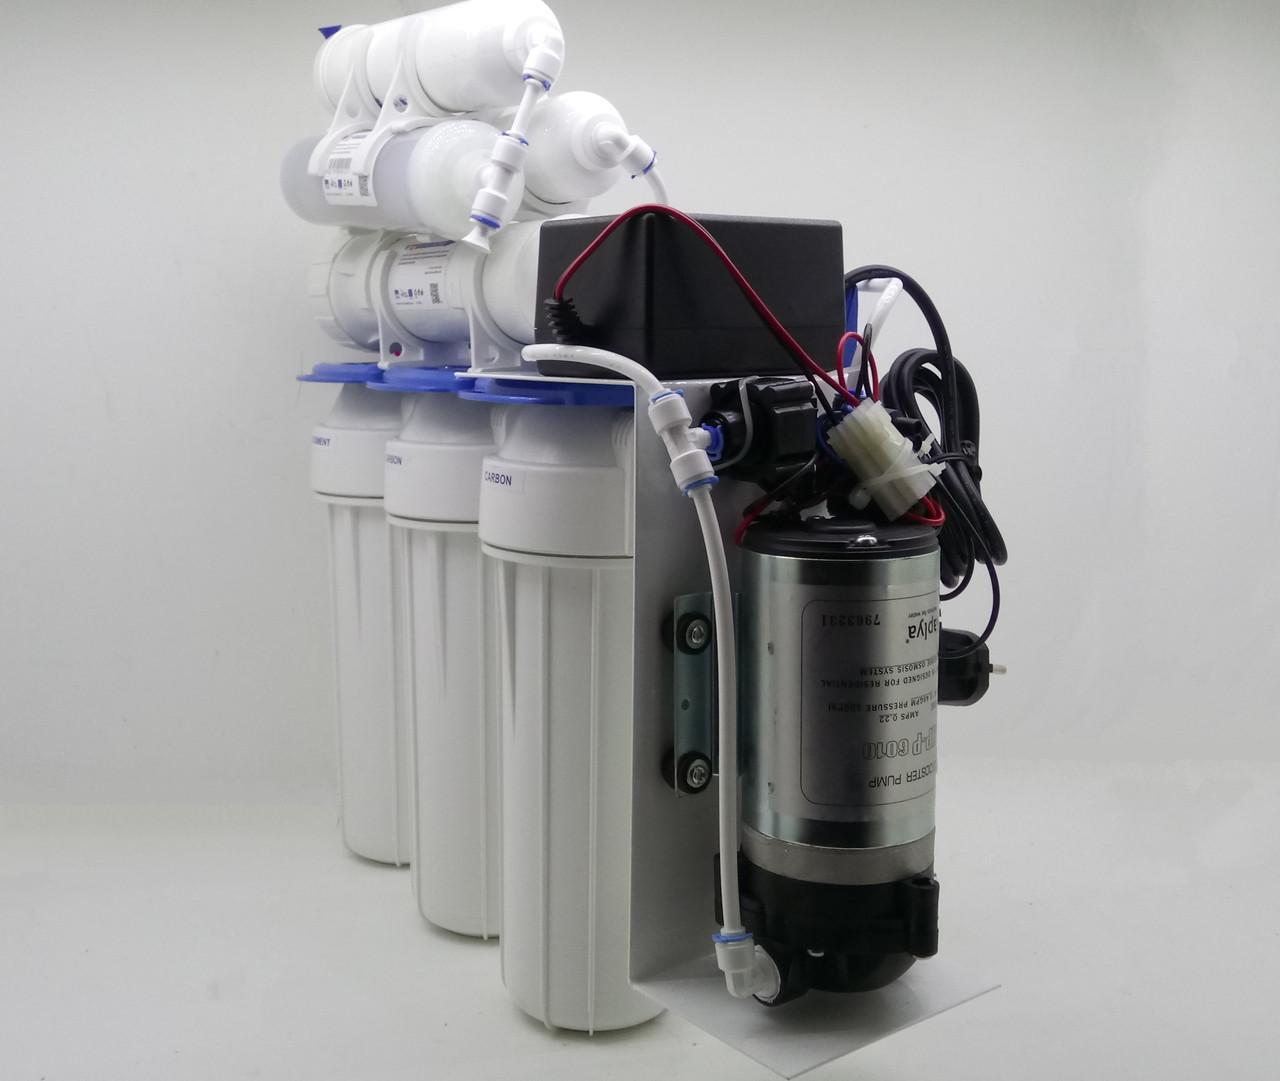 Фильтр с обратного осмоса Aquafilter RX-RO7-125 с помпой